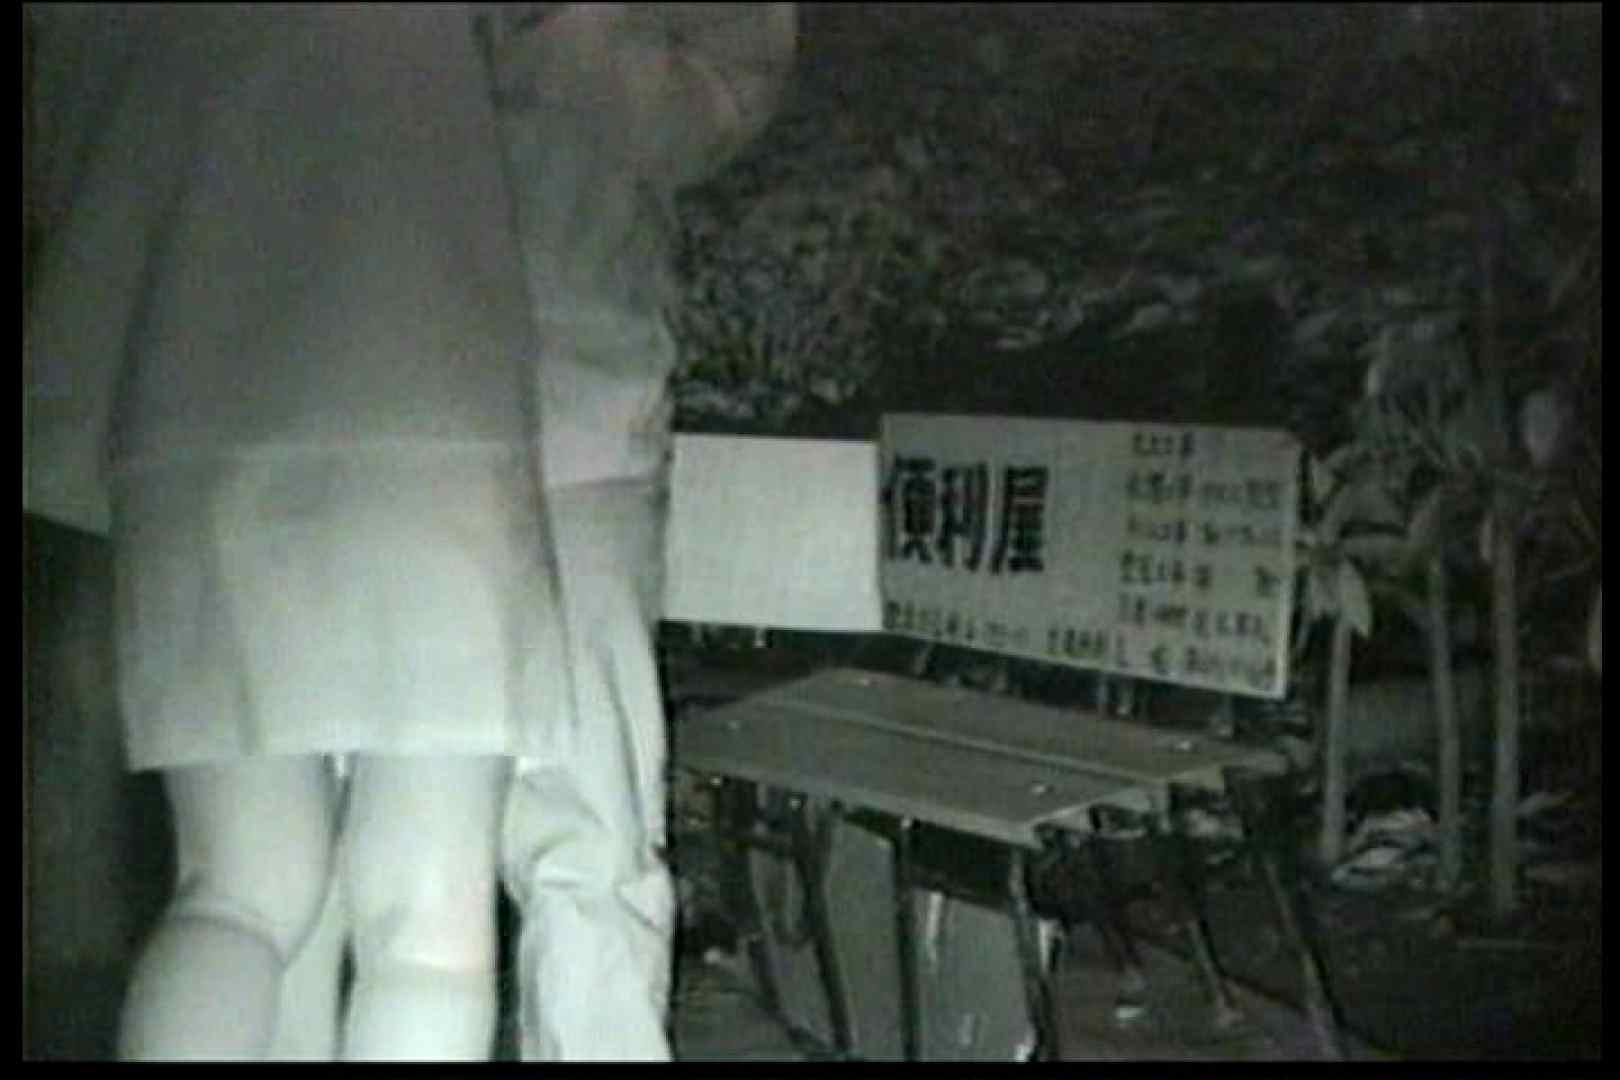 闇の仕掛け人 無修正版 Vol.16 手マン | 淫乱  78PIX 66